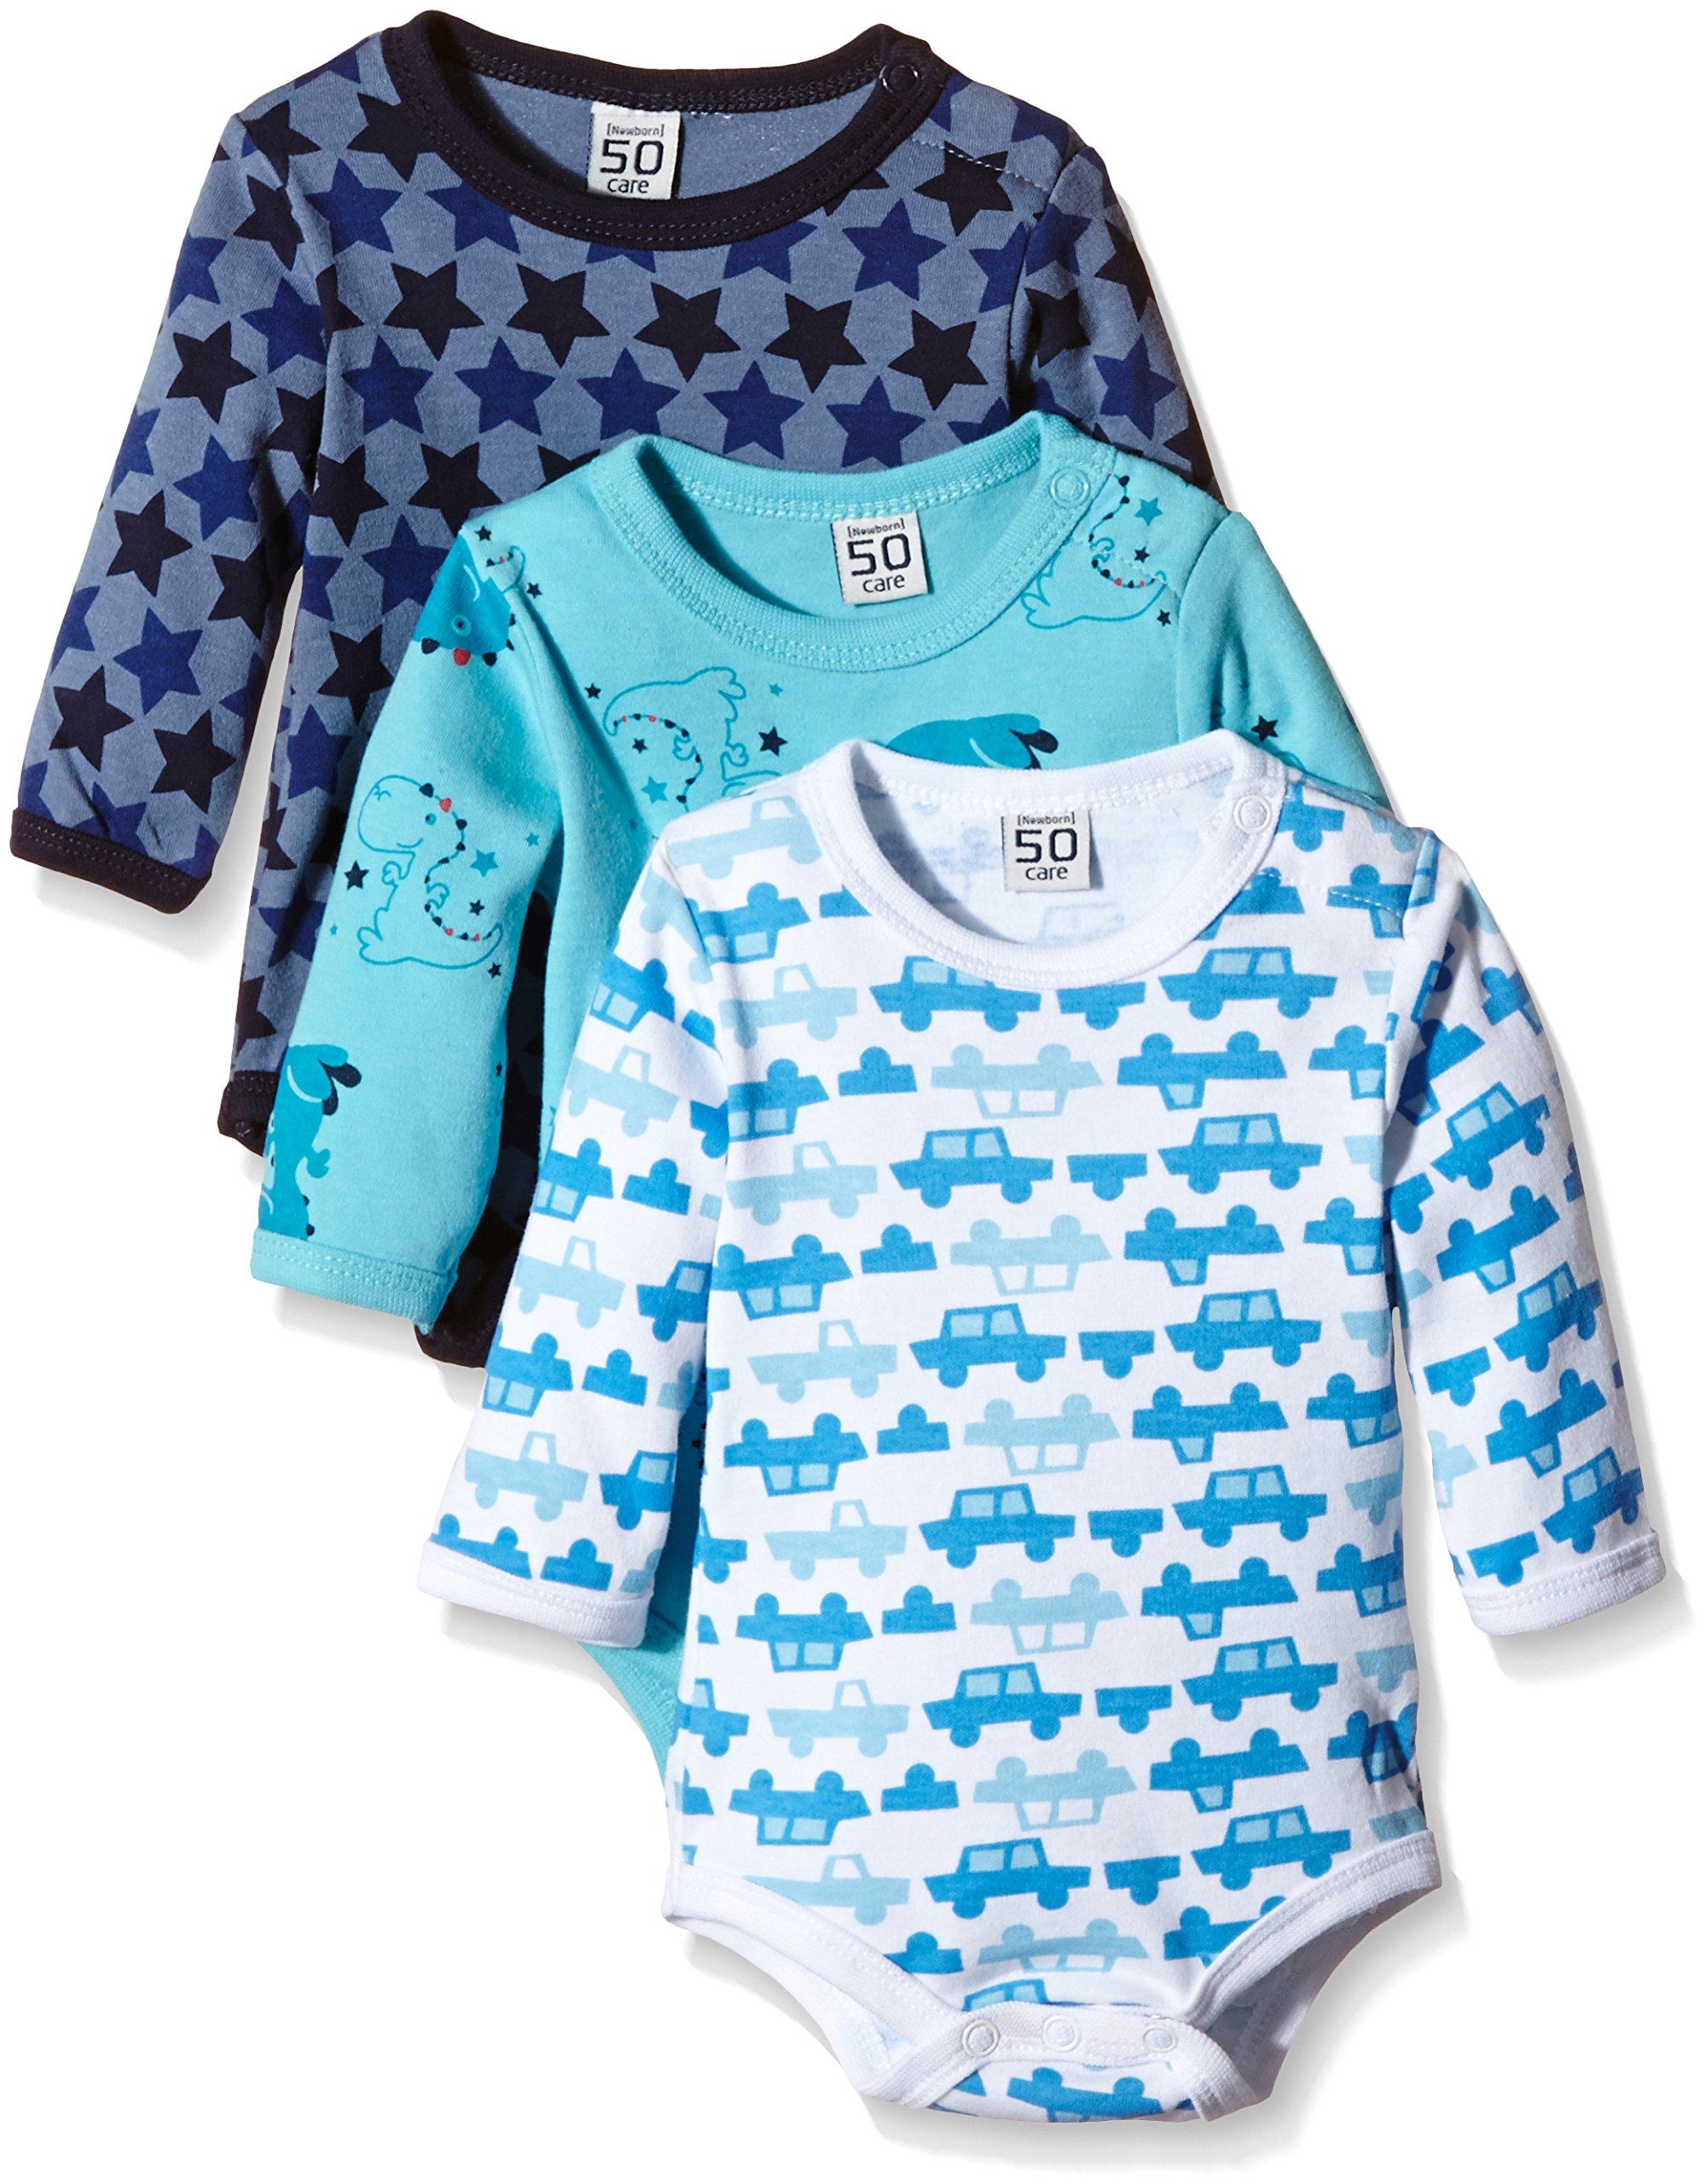 Care Body Bebé-Niños pack de 3 o pack de 6 product image